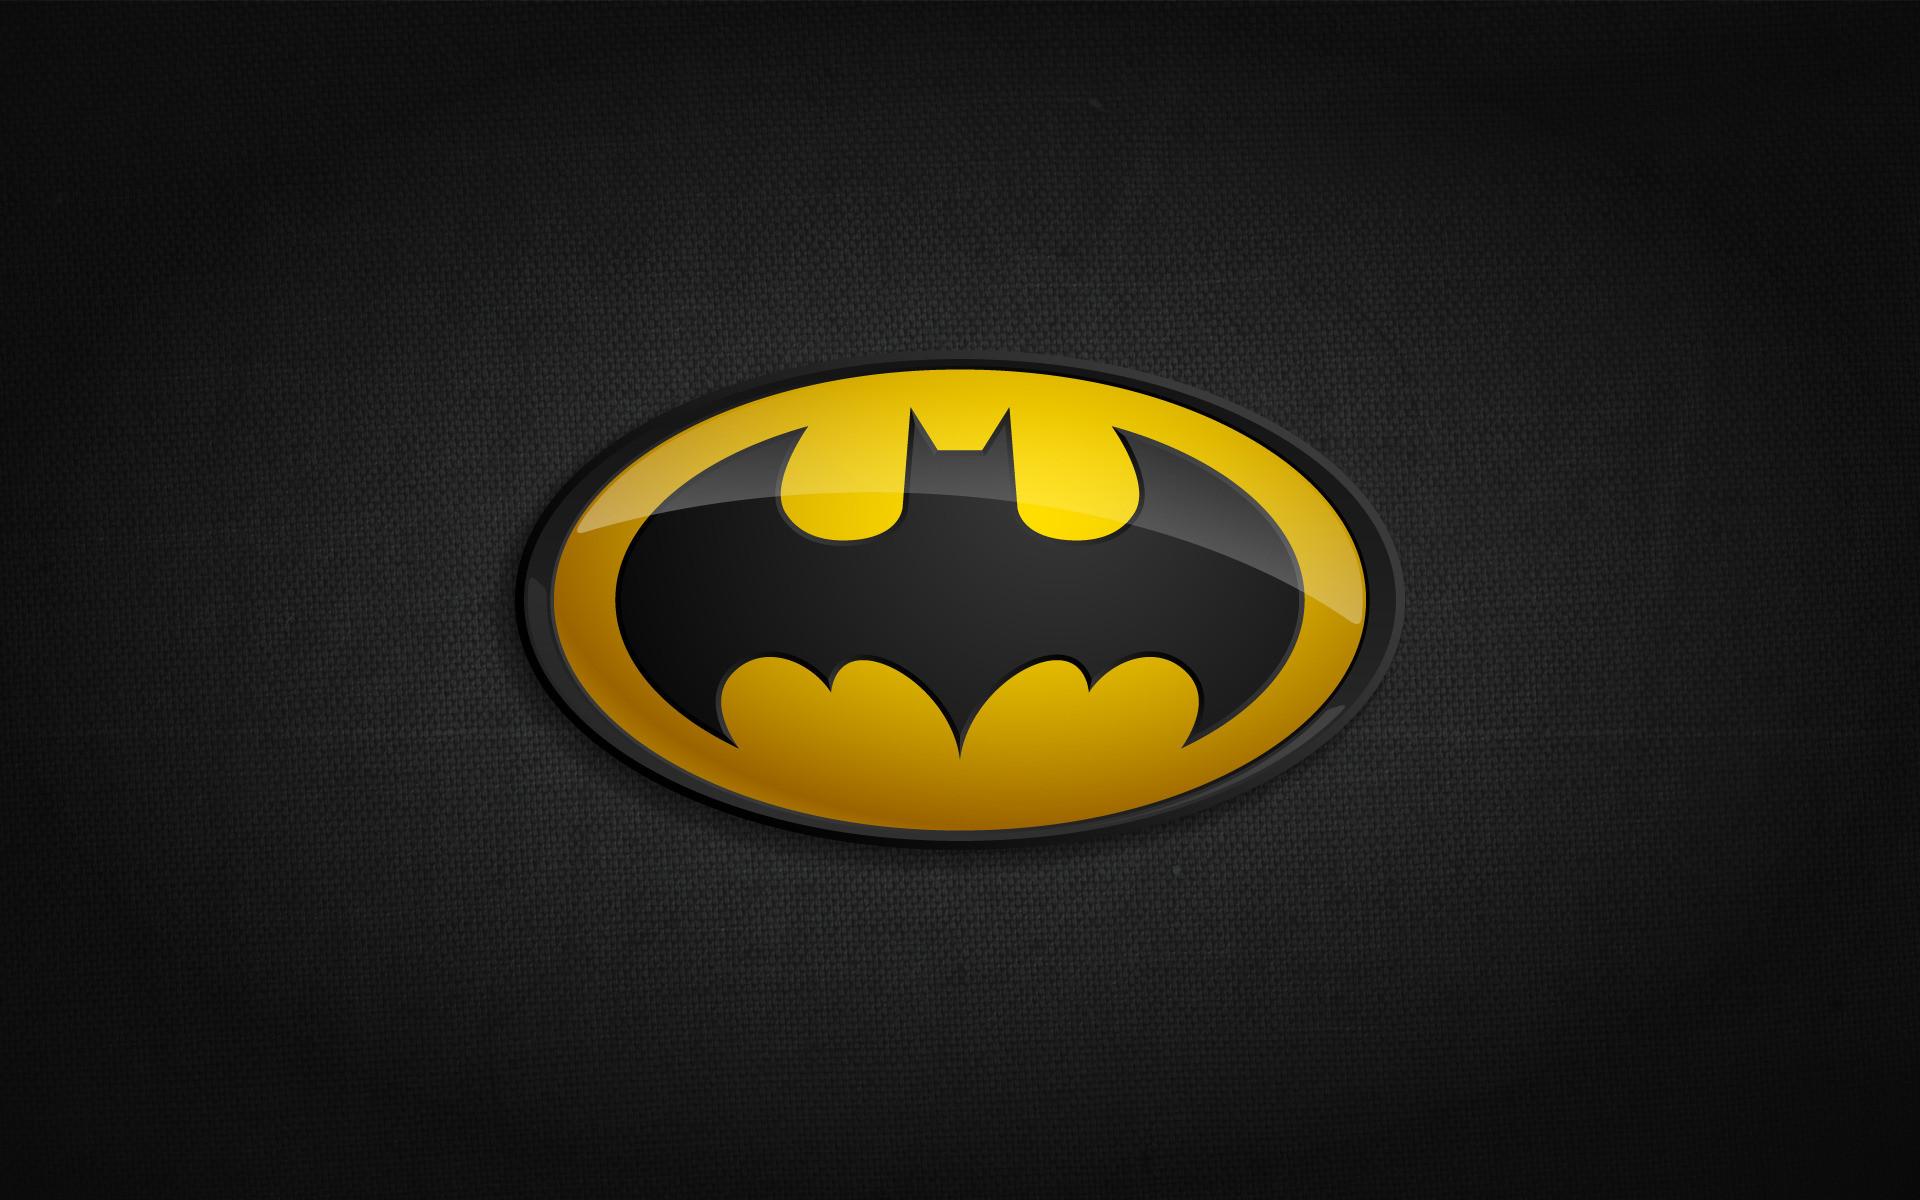 Falcons Wallpaper. 1280×1024. Batman Logo